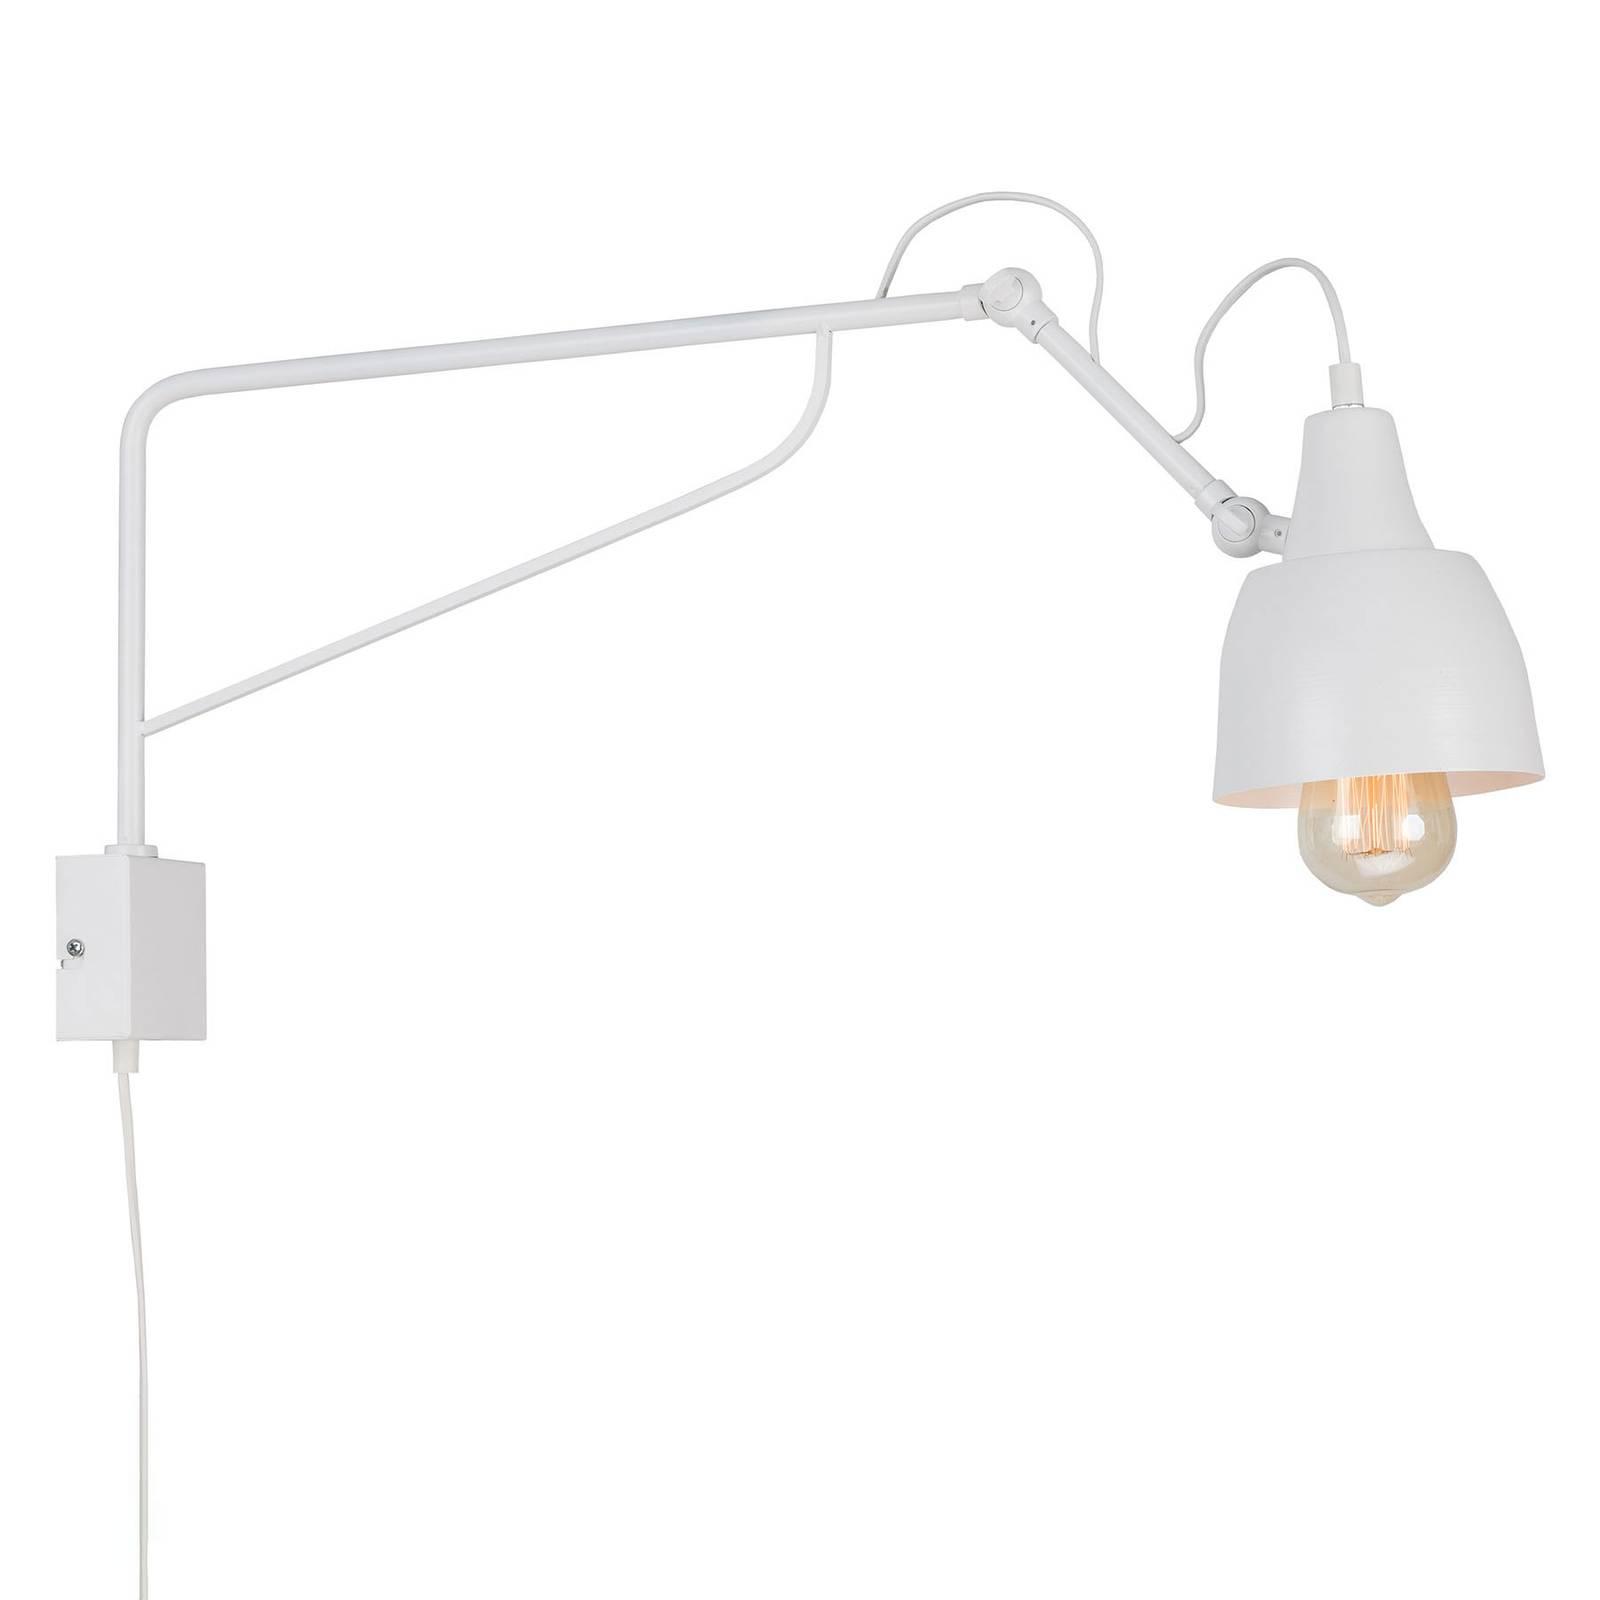 Bilde av 1002 Vegglampe Med Plugg, 1 Lyskilde, Hvit